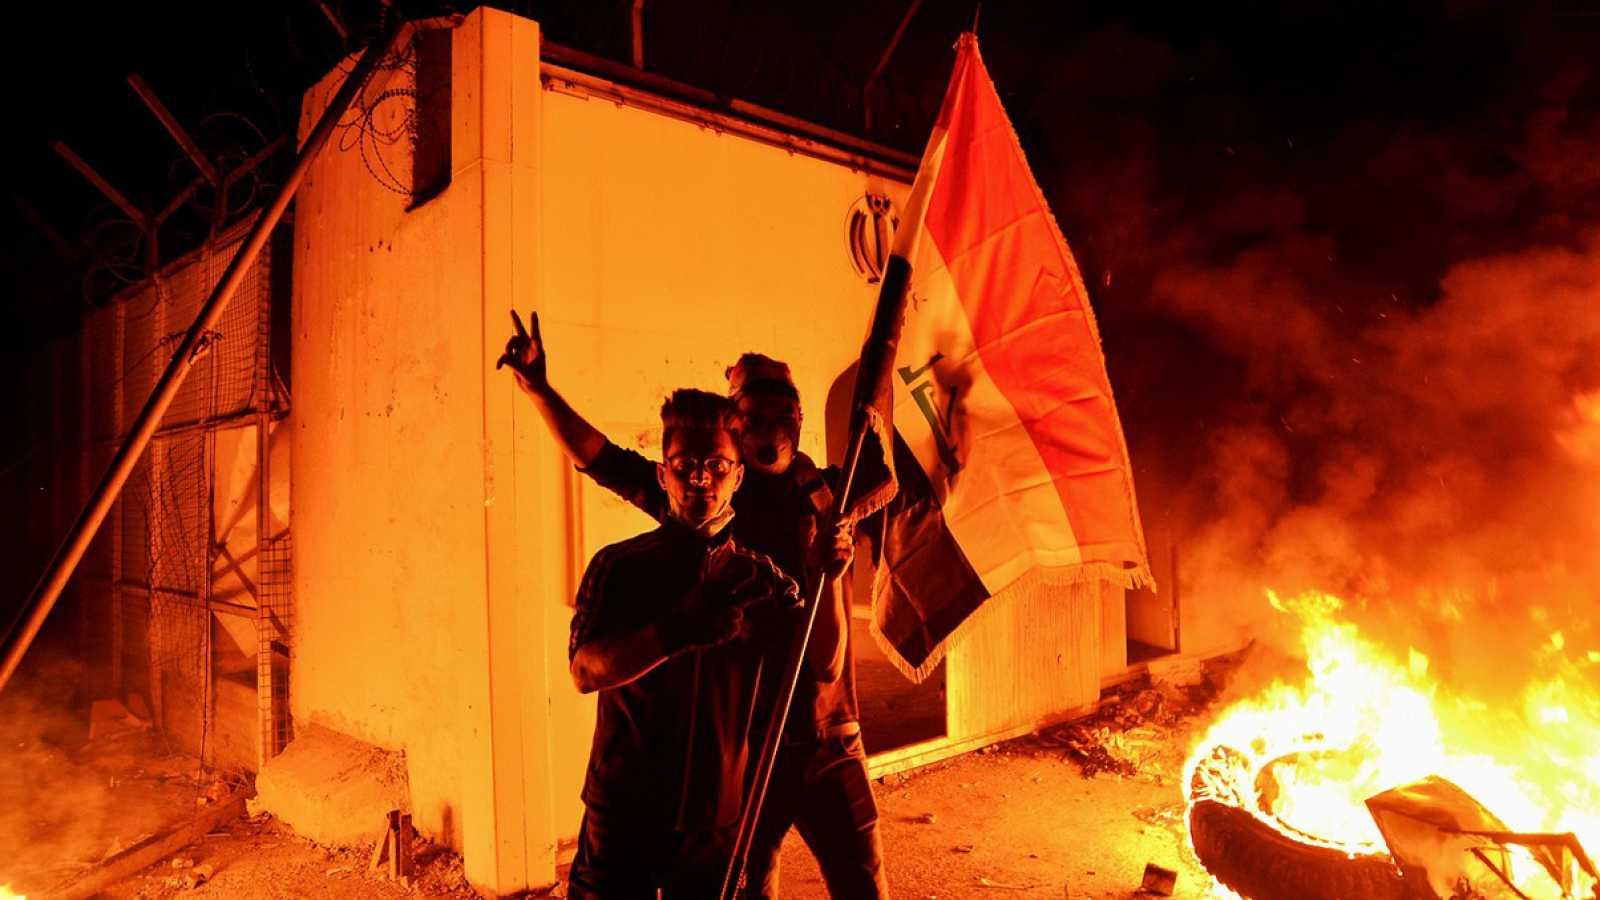 Las protestas en Irak continúan y suman otros 14 muertos en Nasiriya